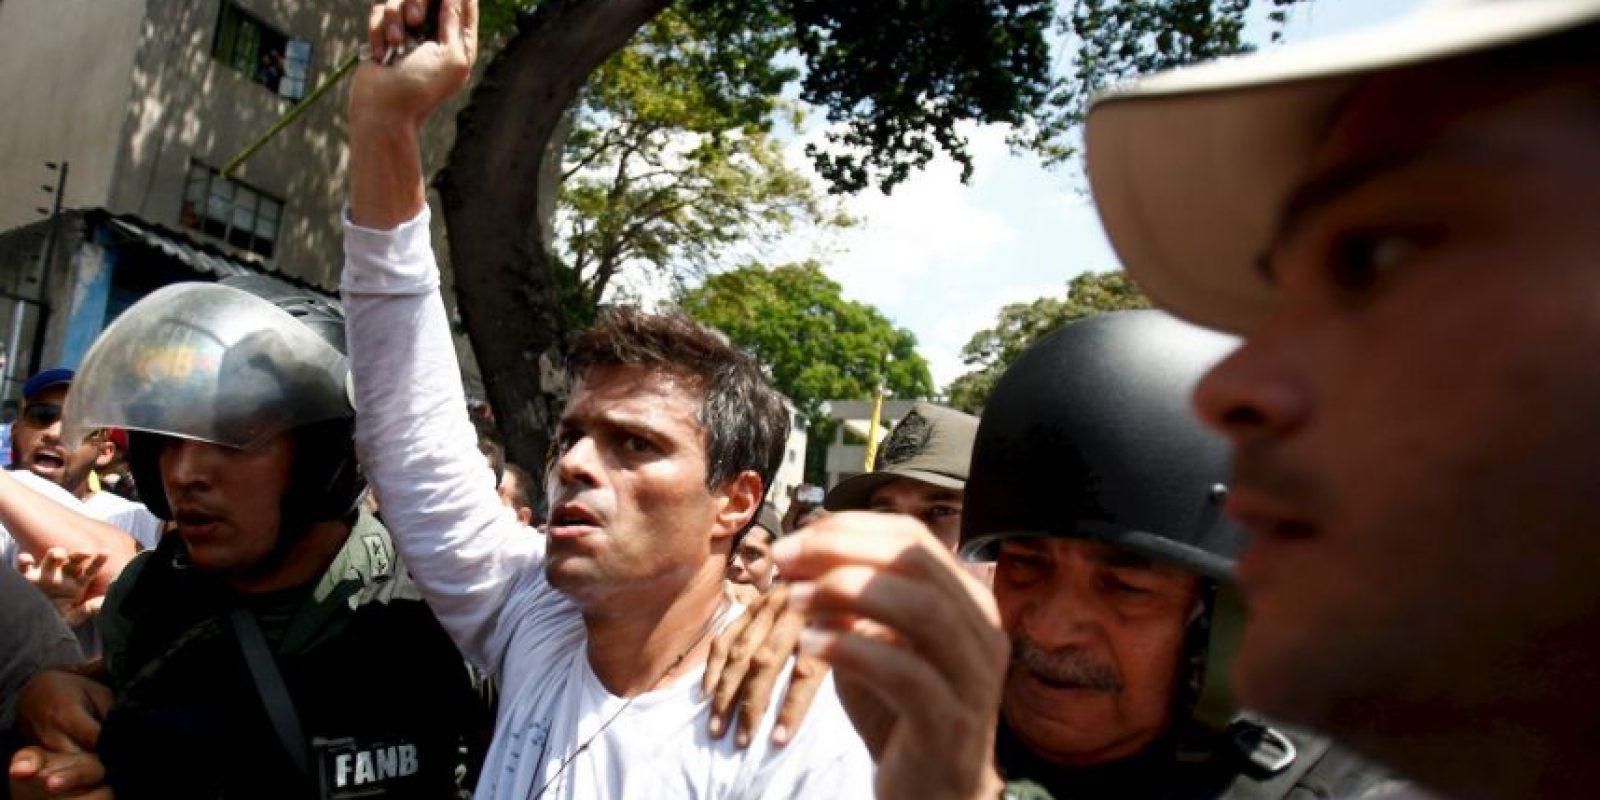 Quienes lo acusaban de cuatro delitos: instigación pública, daños a la propiedad, incendio y asociación para delinquir. Foto:AP